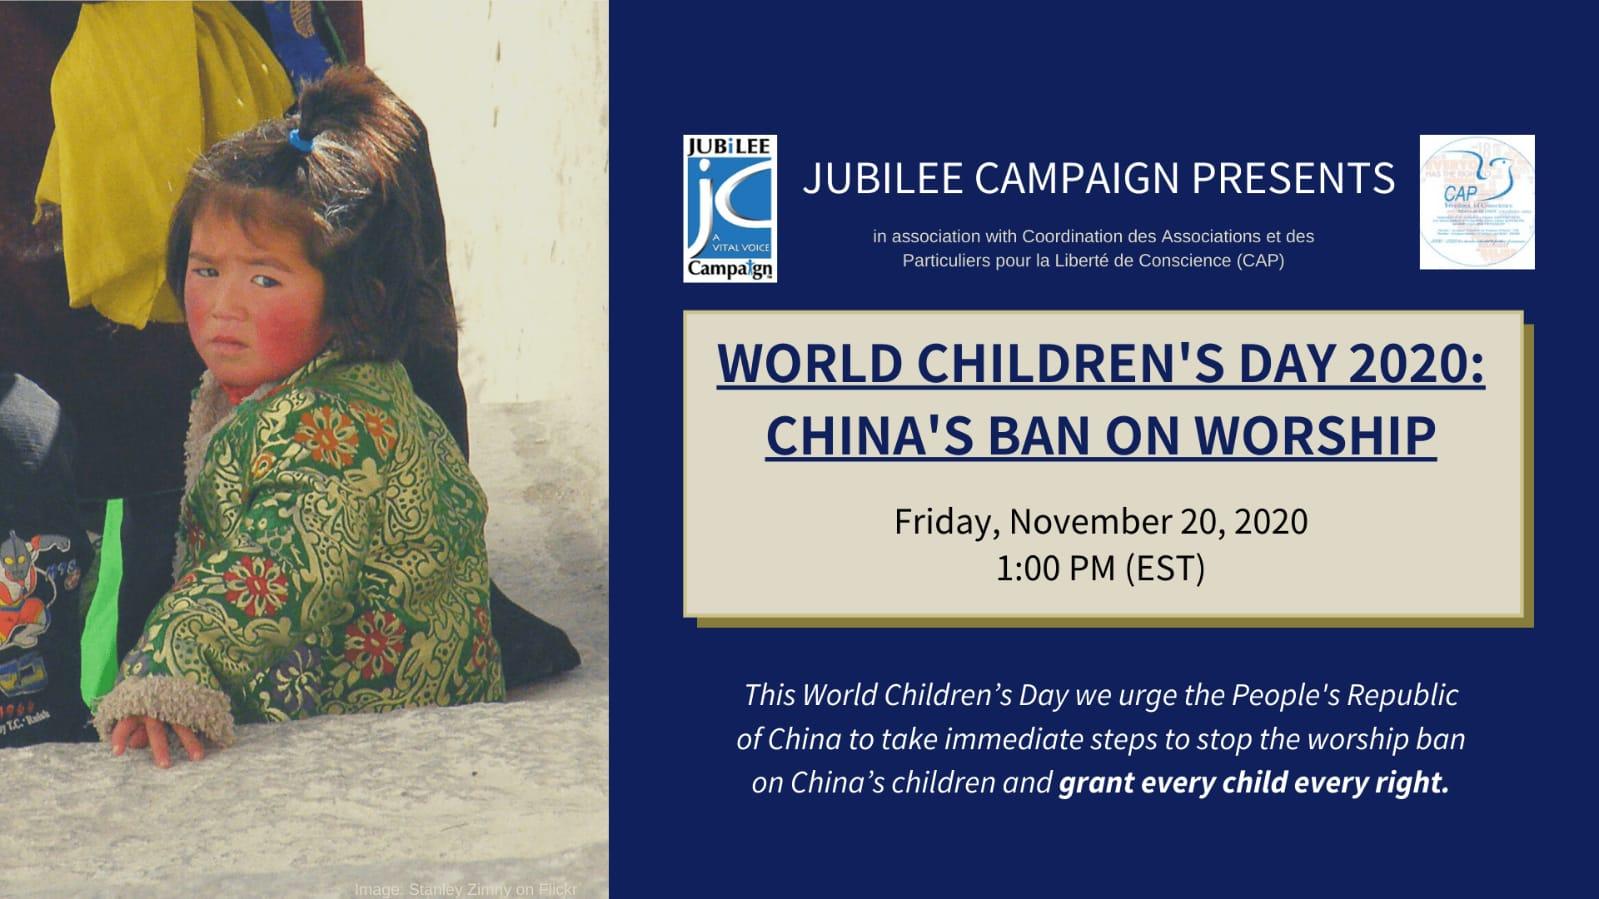 World Children's Day 2020: China's Ban on Worship